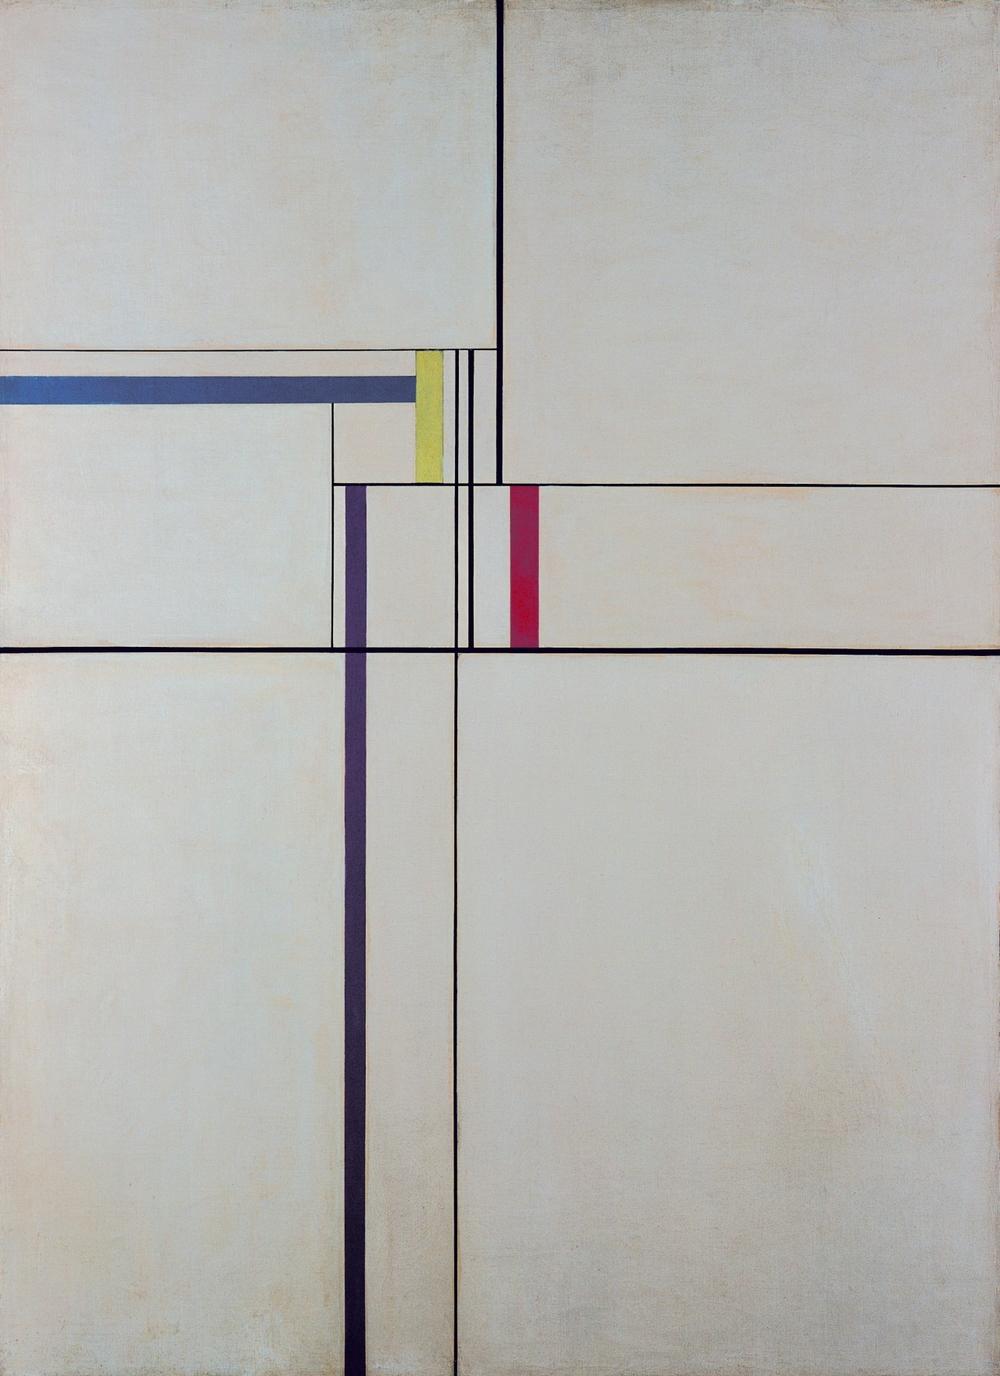 Seminario-Grandes-Exitos-Arte-Moderno-Arte-Abstracto-Maldonado.jpg